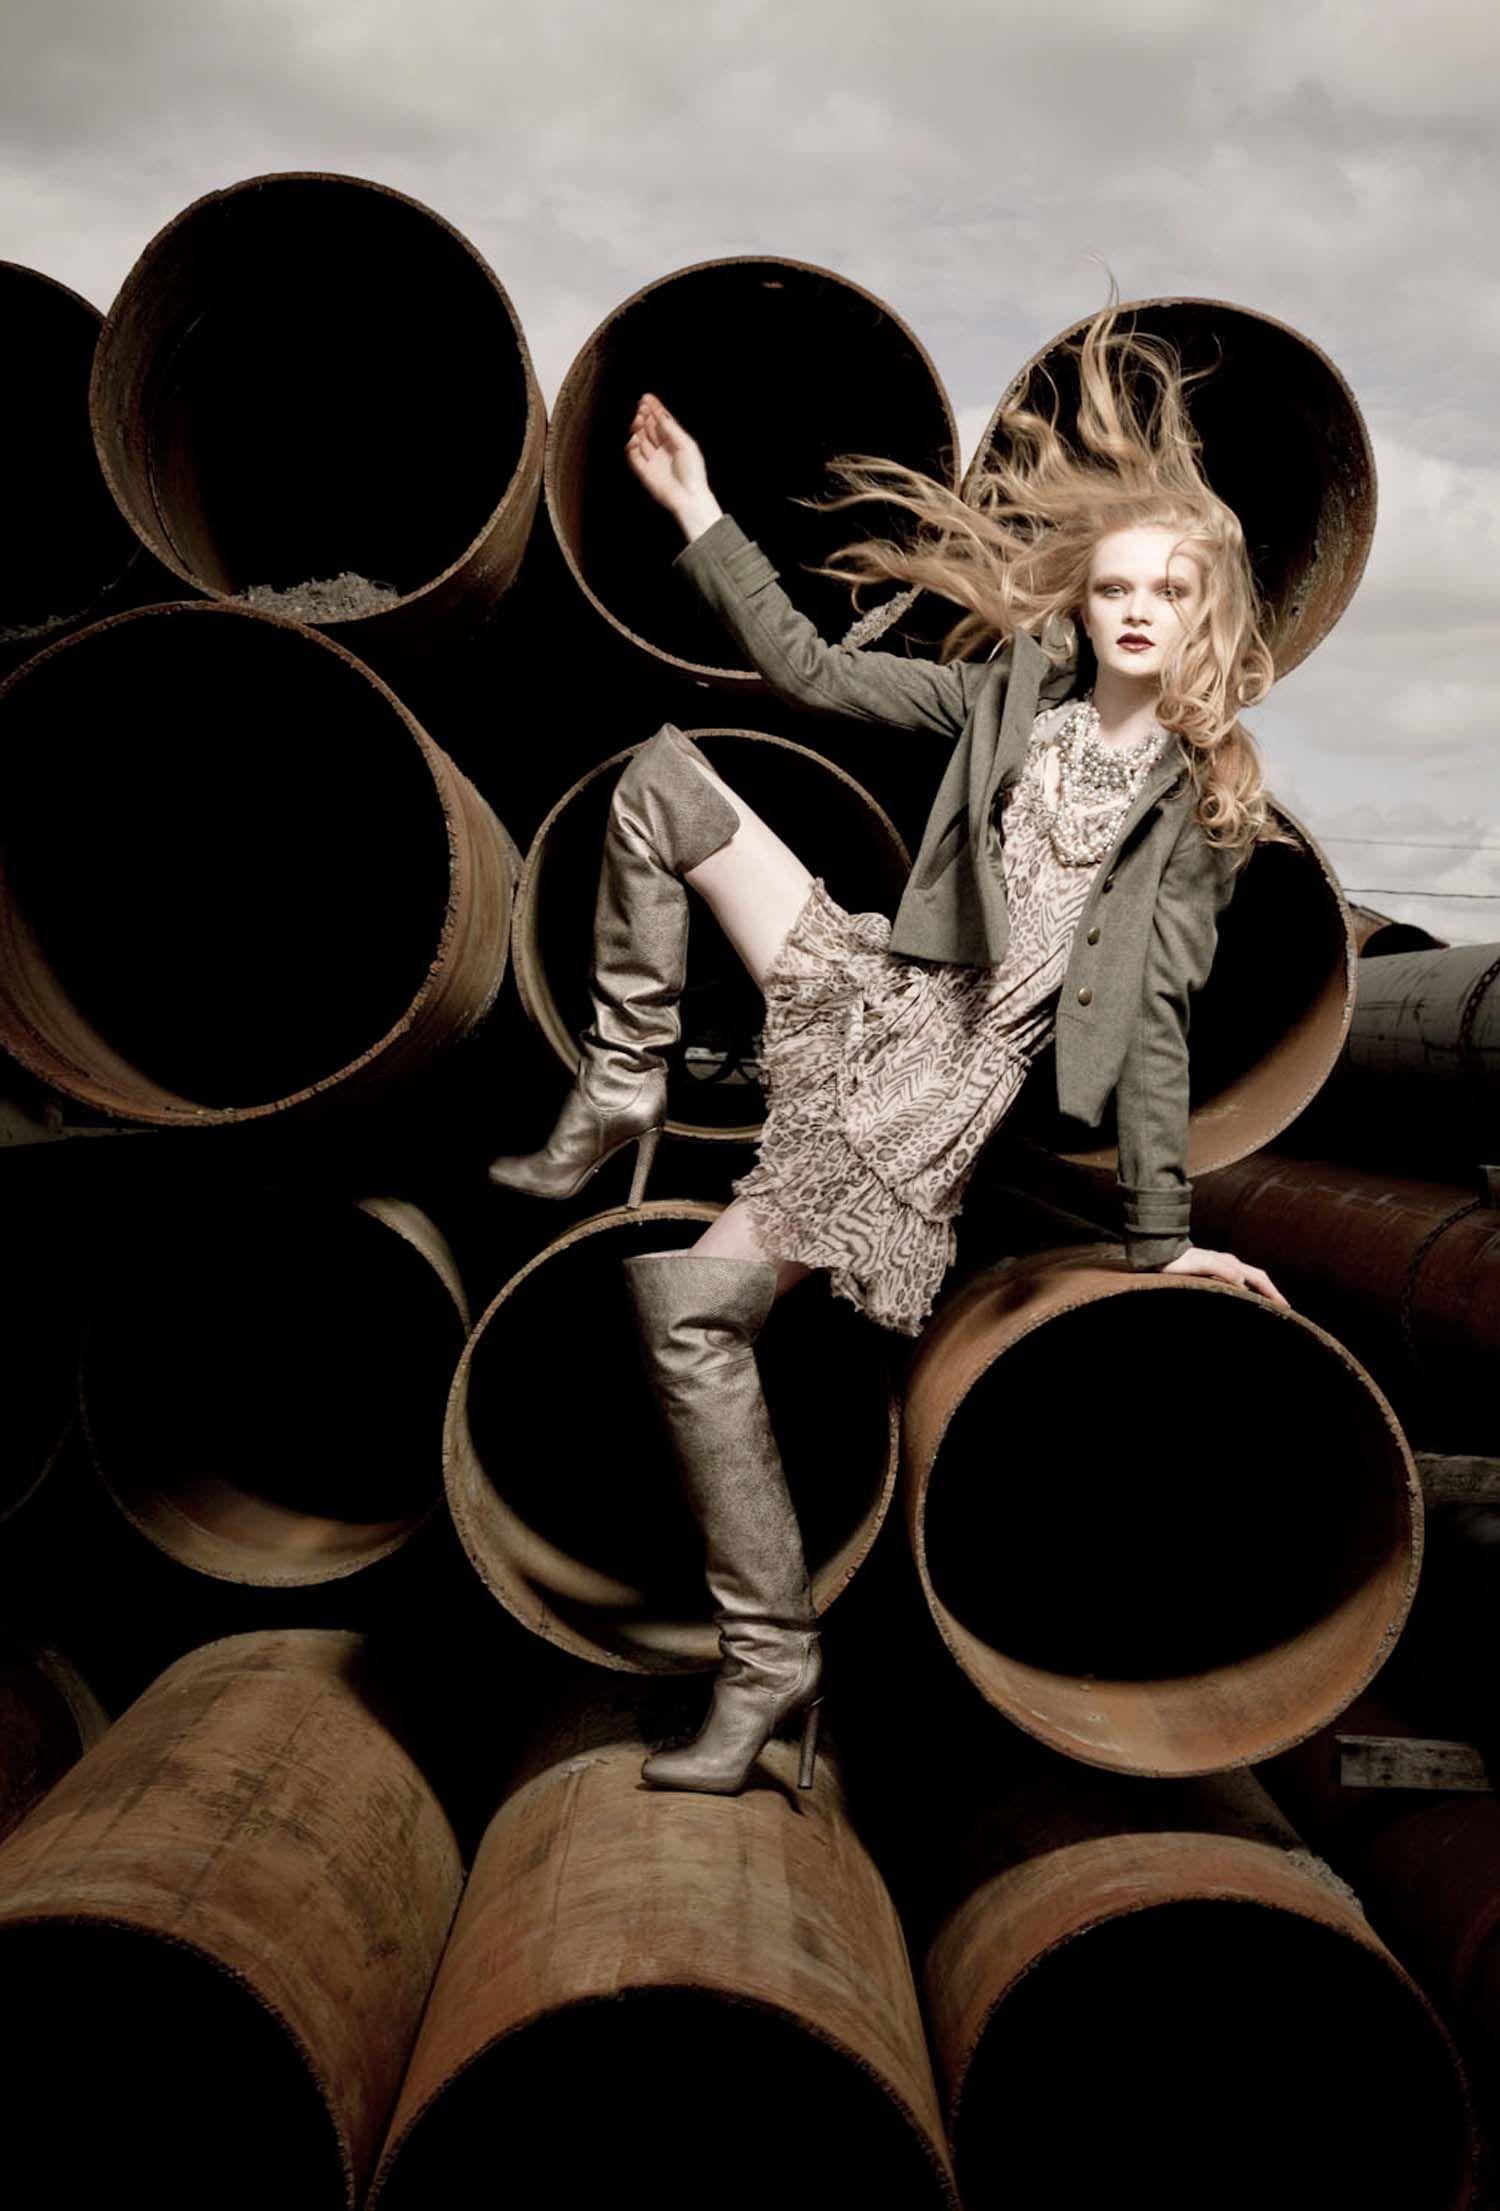 Statement boots photo by Liz Von Hoene Fashion